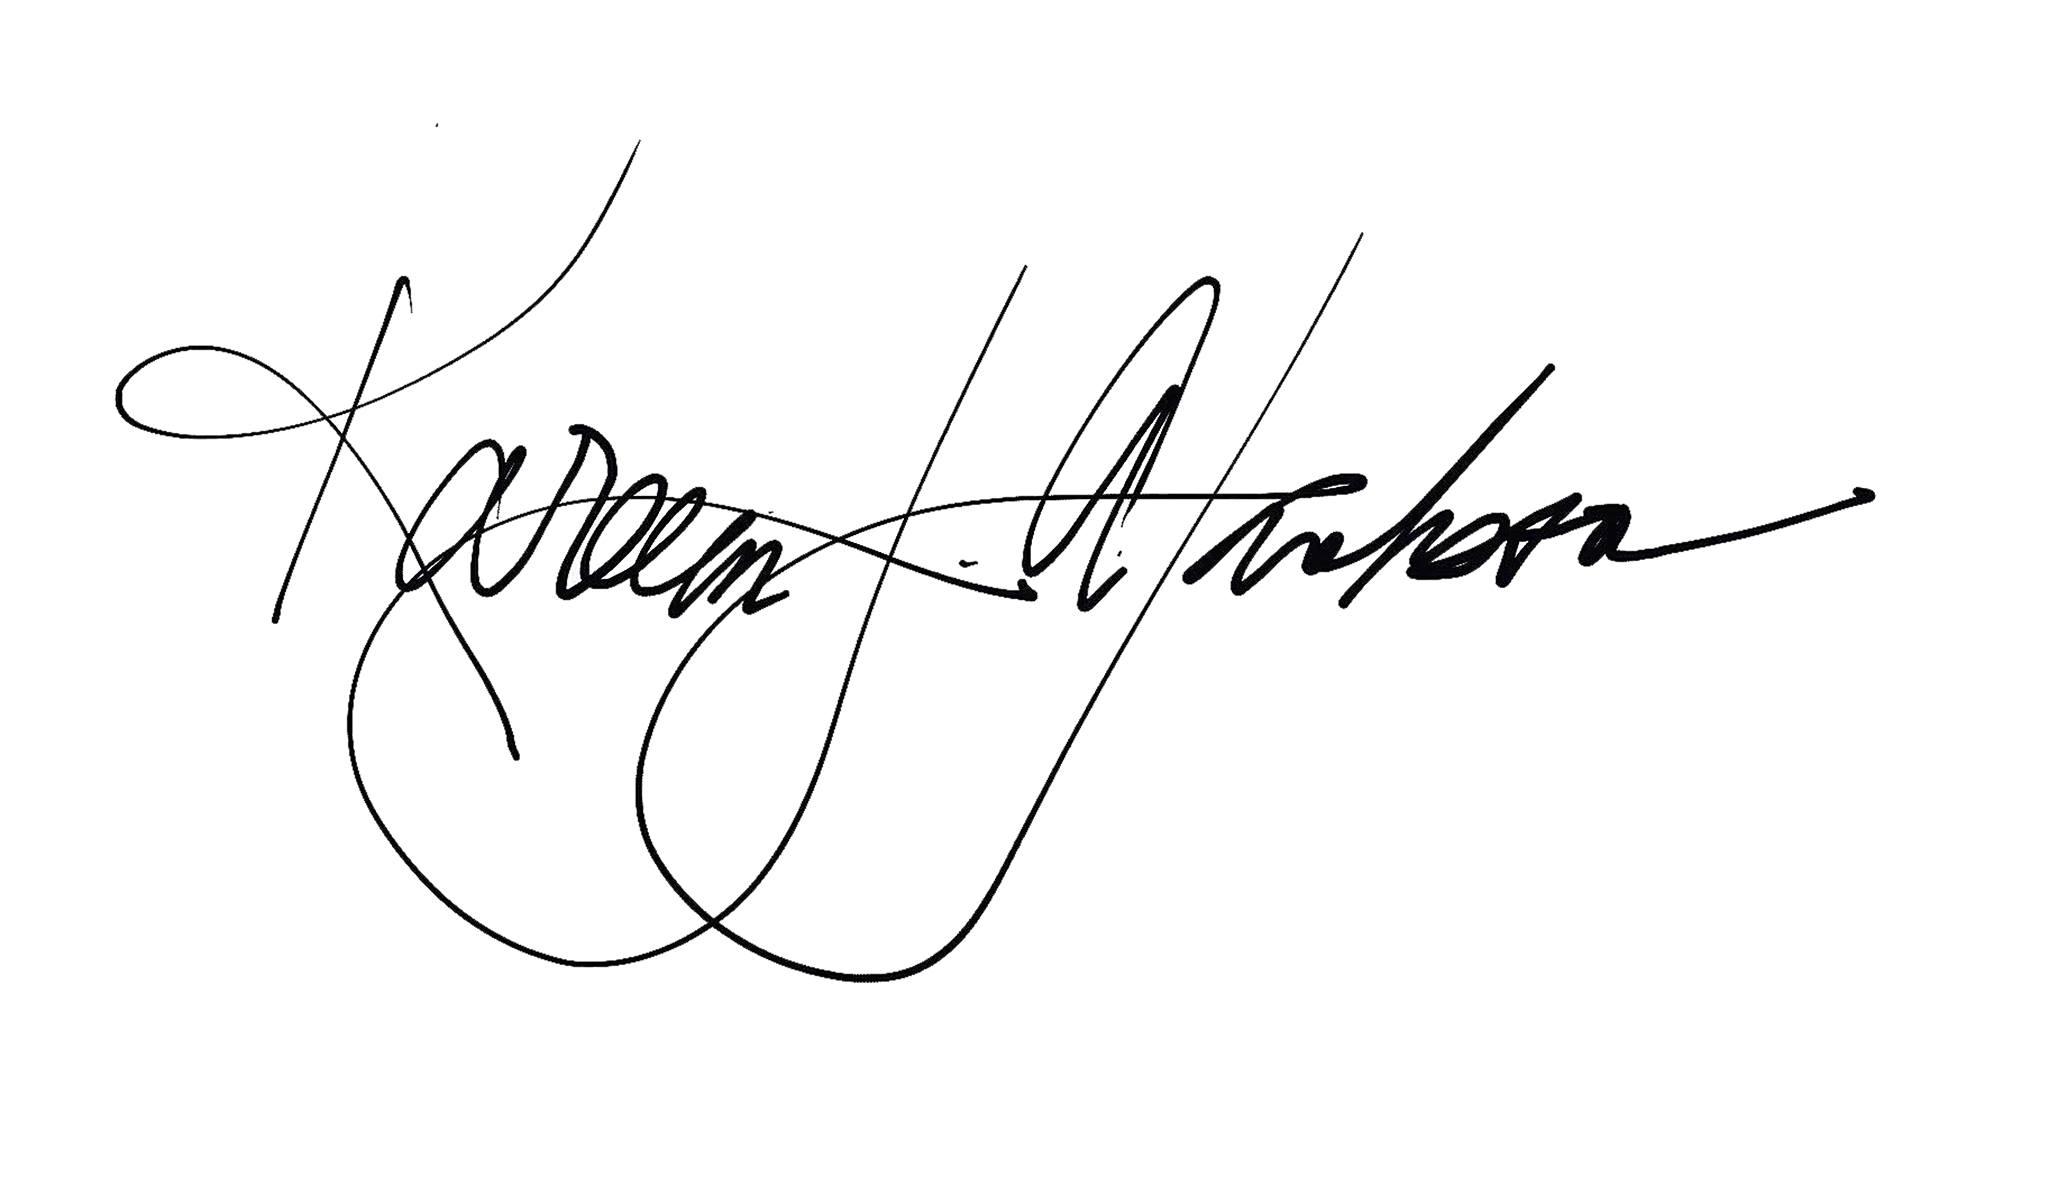 kareem-jackson-new-signature-1